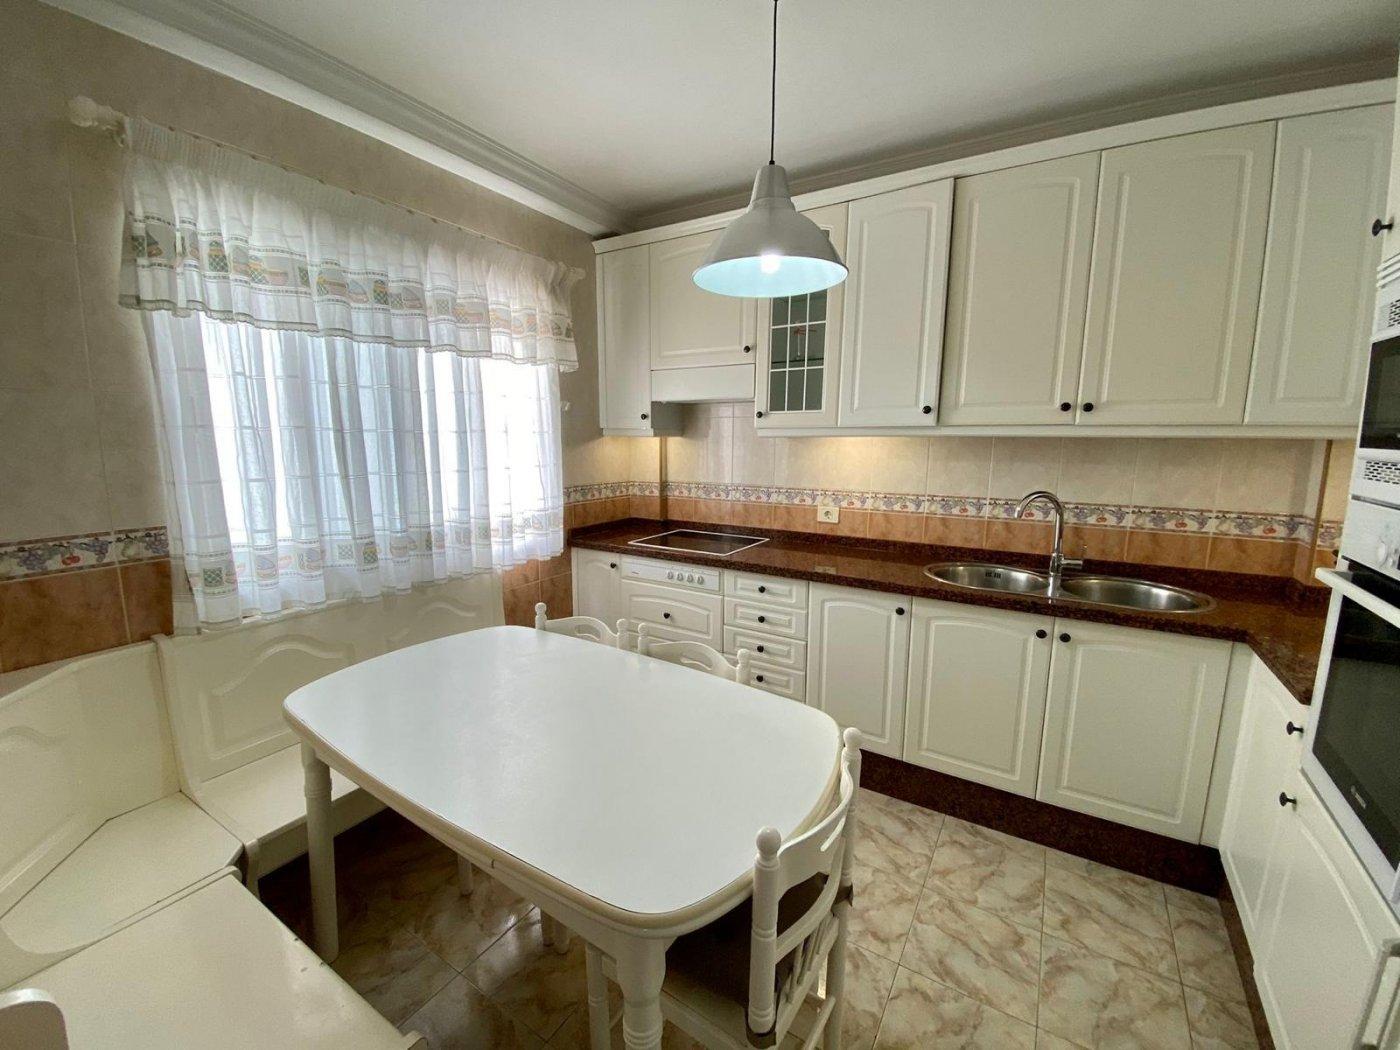 piso en las-palmas-de-gran-canaria · alcaravaneras 900€